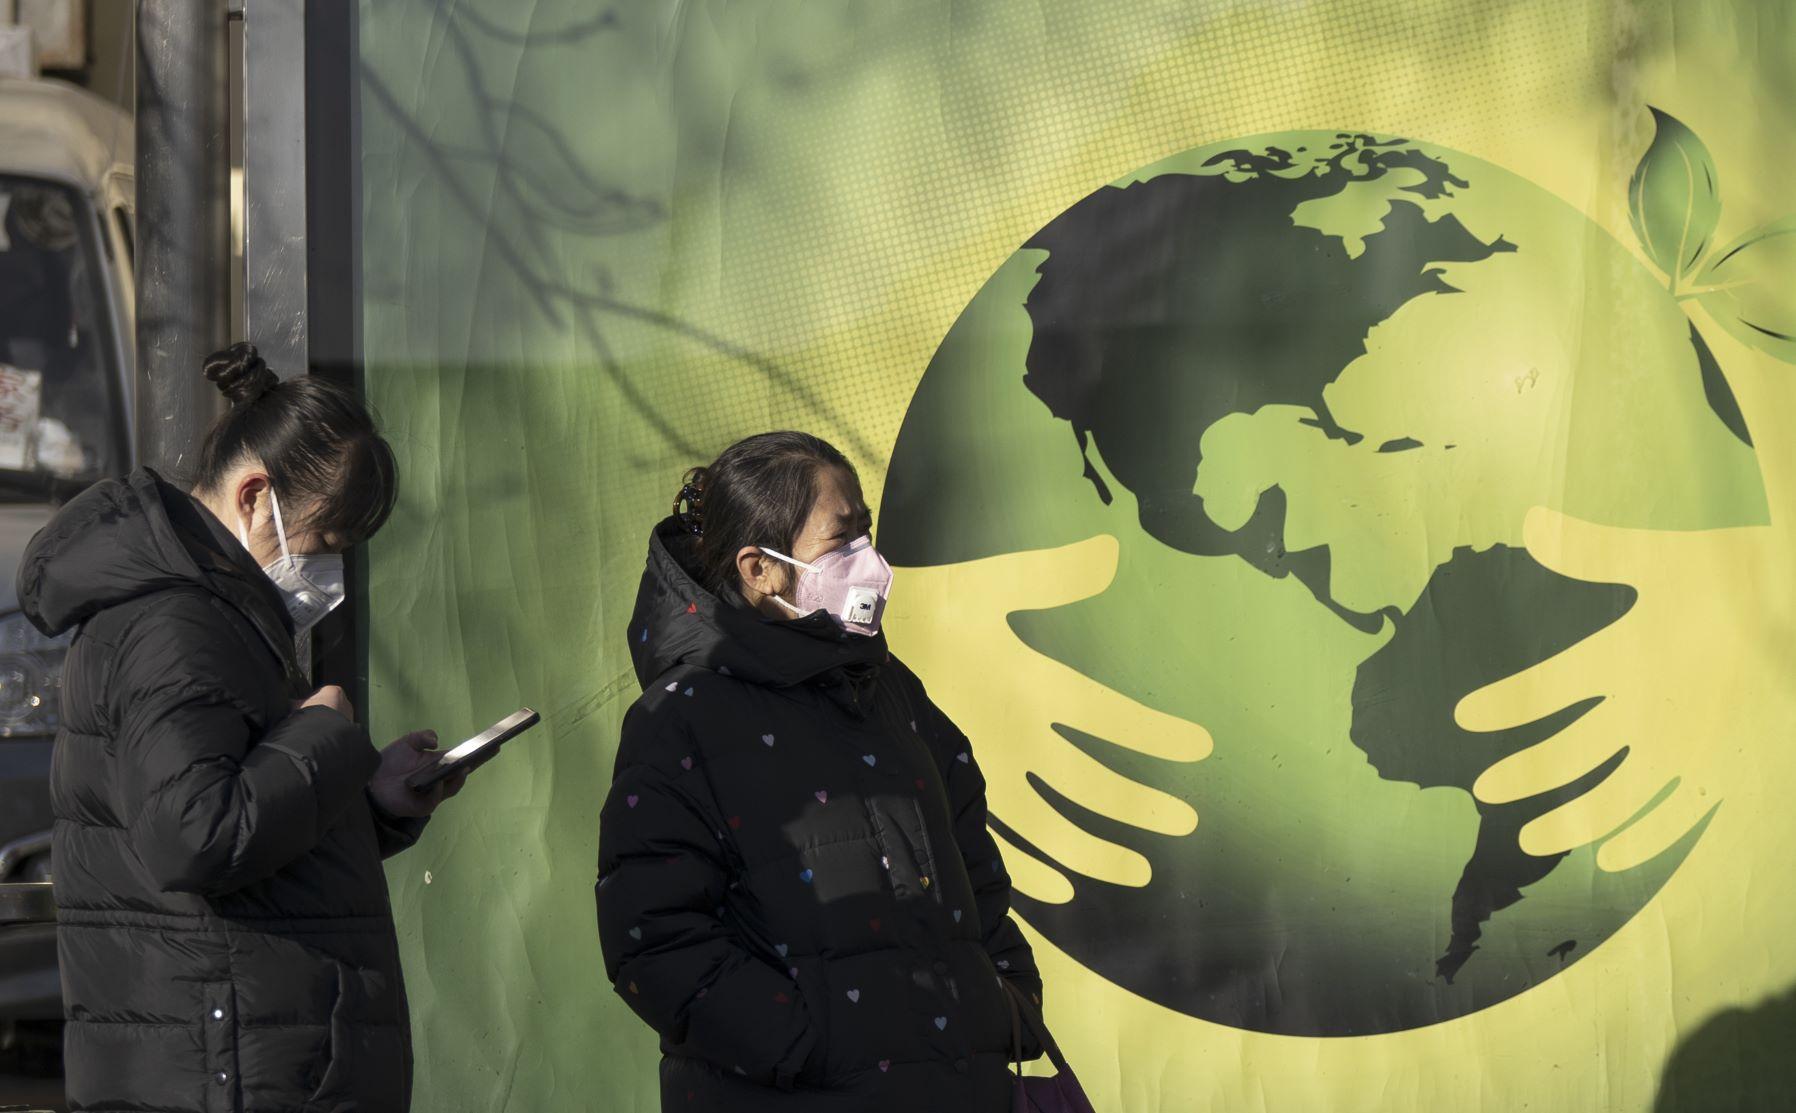 Таиланду официально передан медицинский груз, предоставленный Китаем для оказания помощи в борьбе с коронавирусом